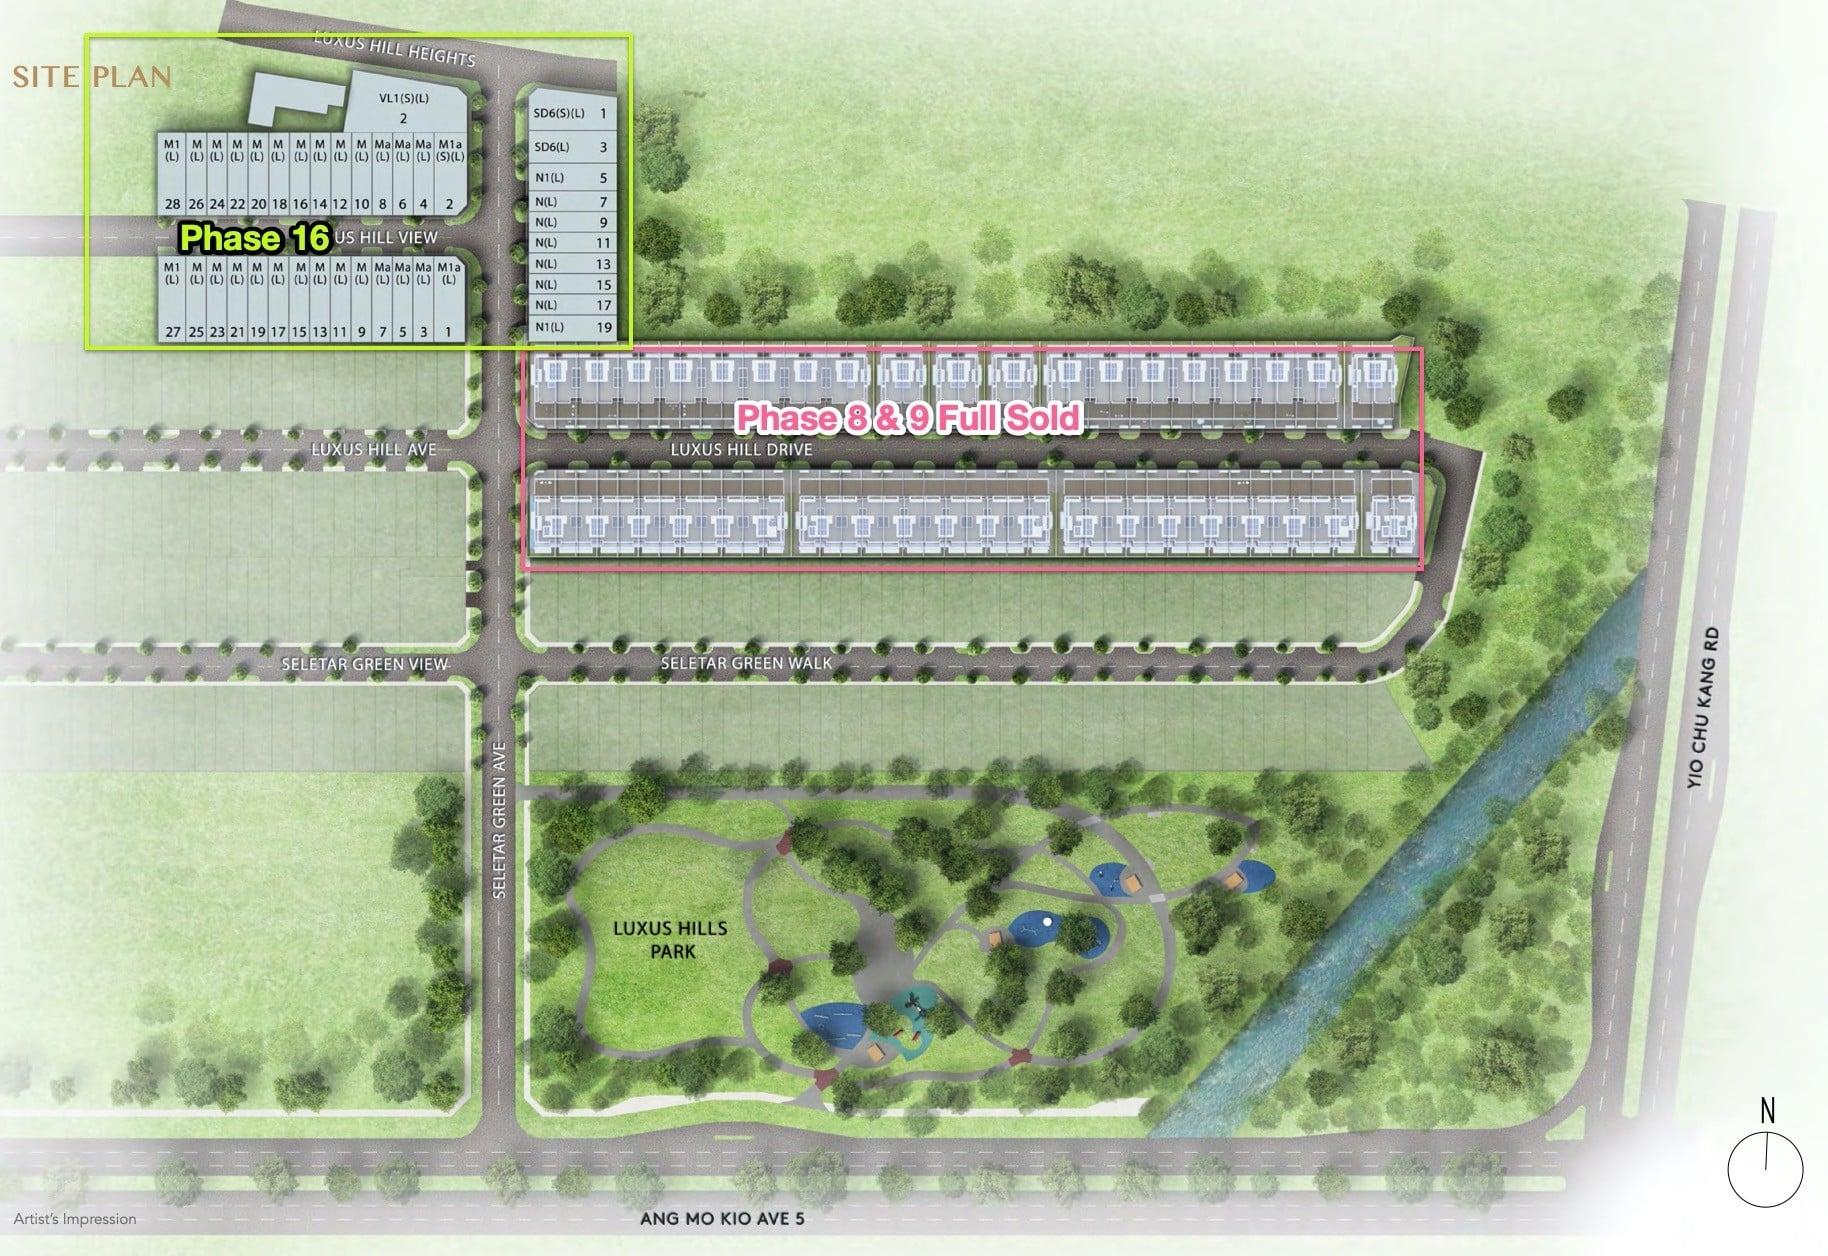 luxus-hills-site plan